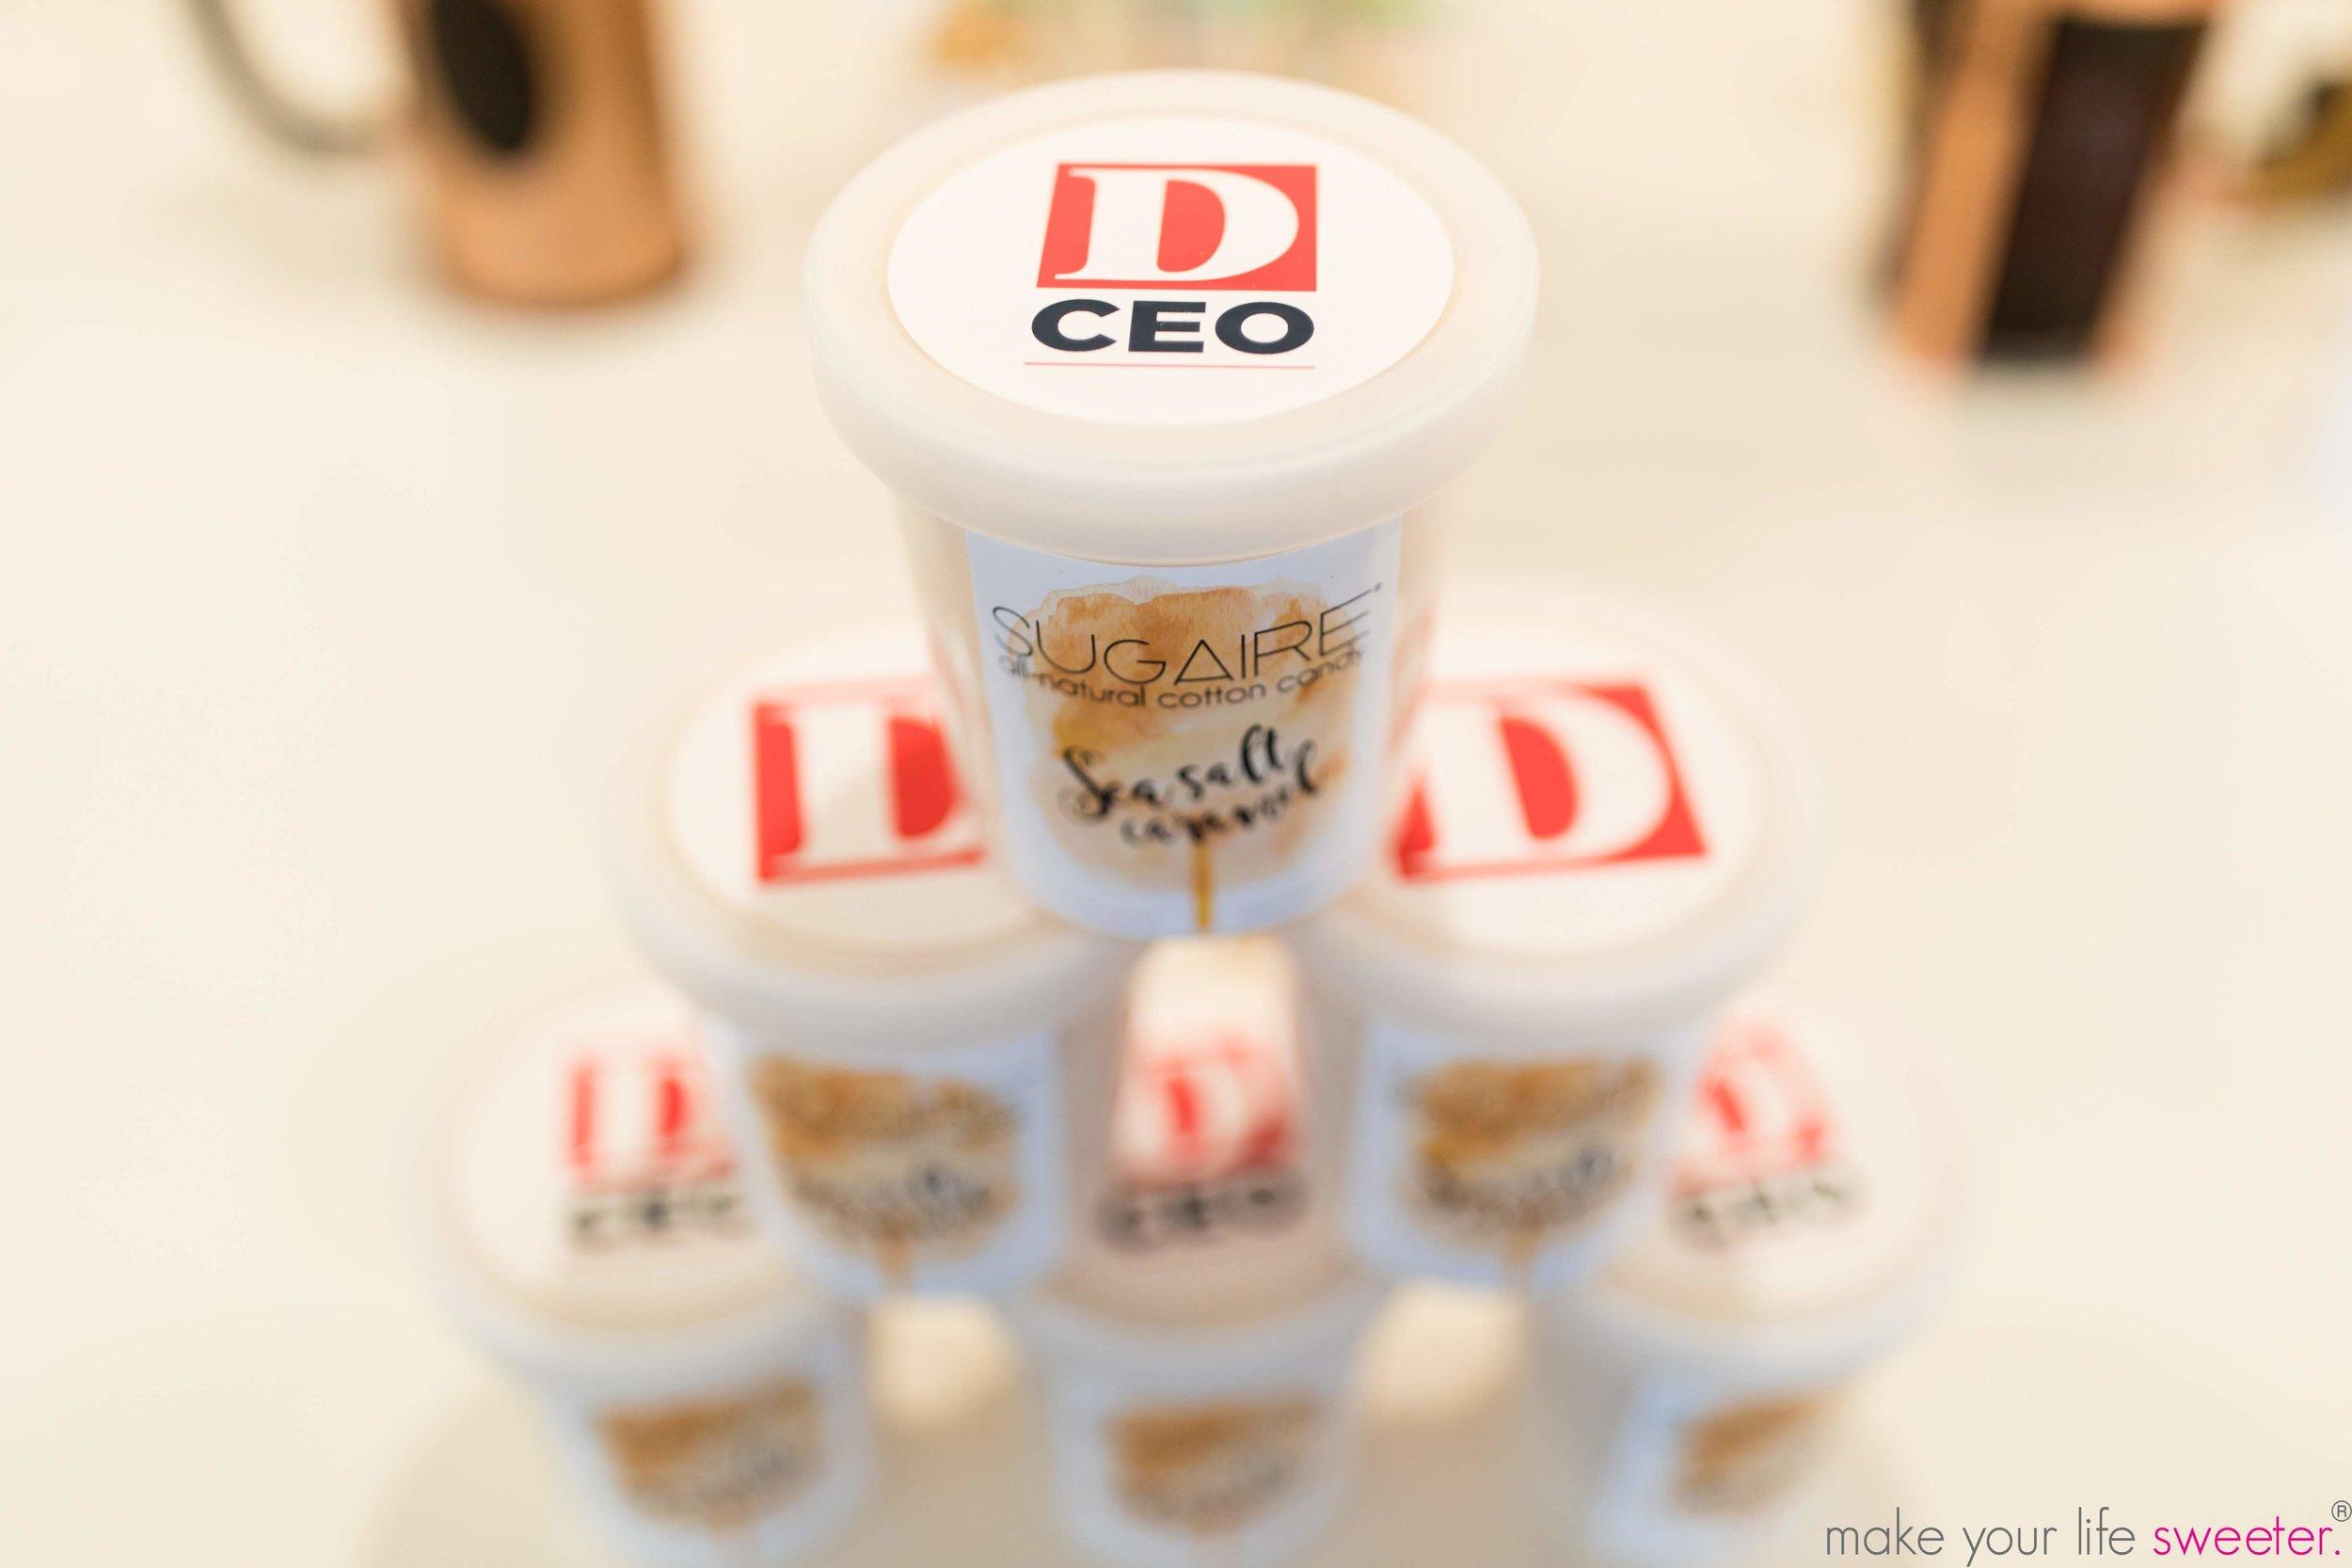 Sugaire Organic Sea Salt Caramel Customized Cotton Candy